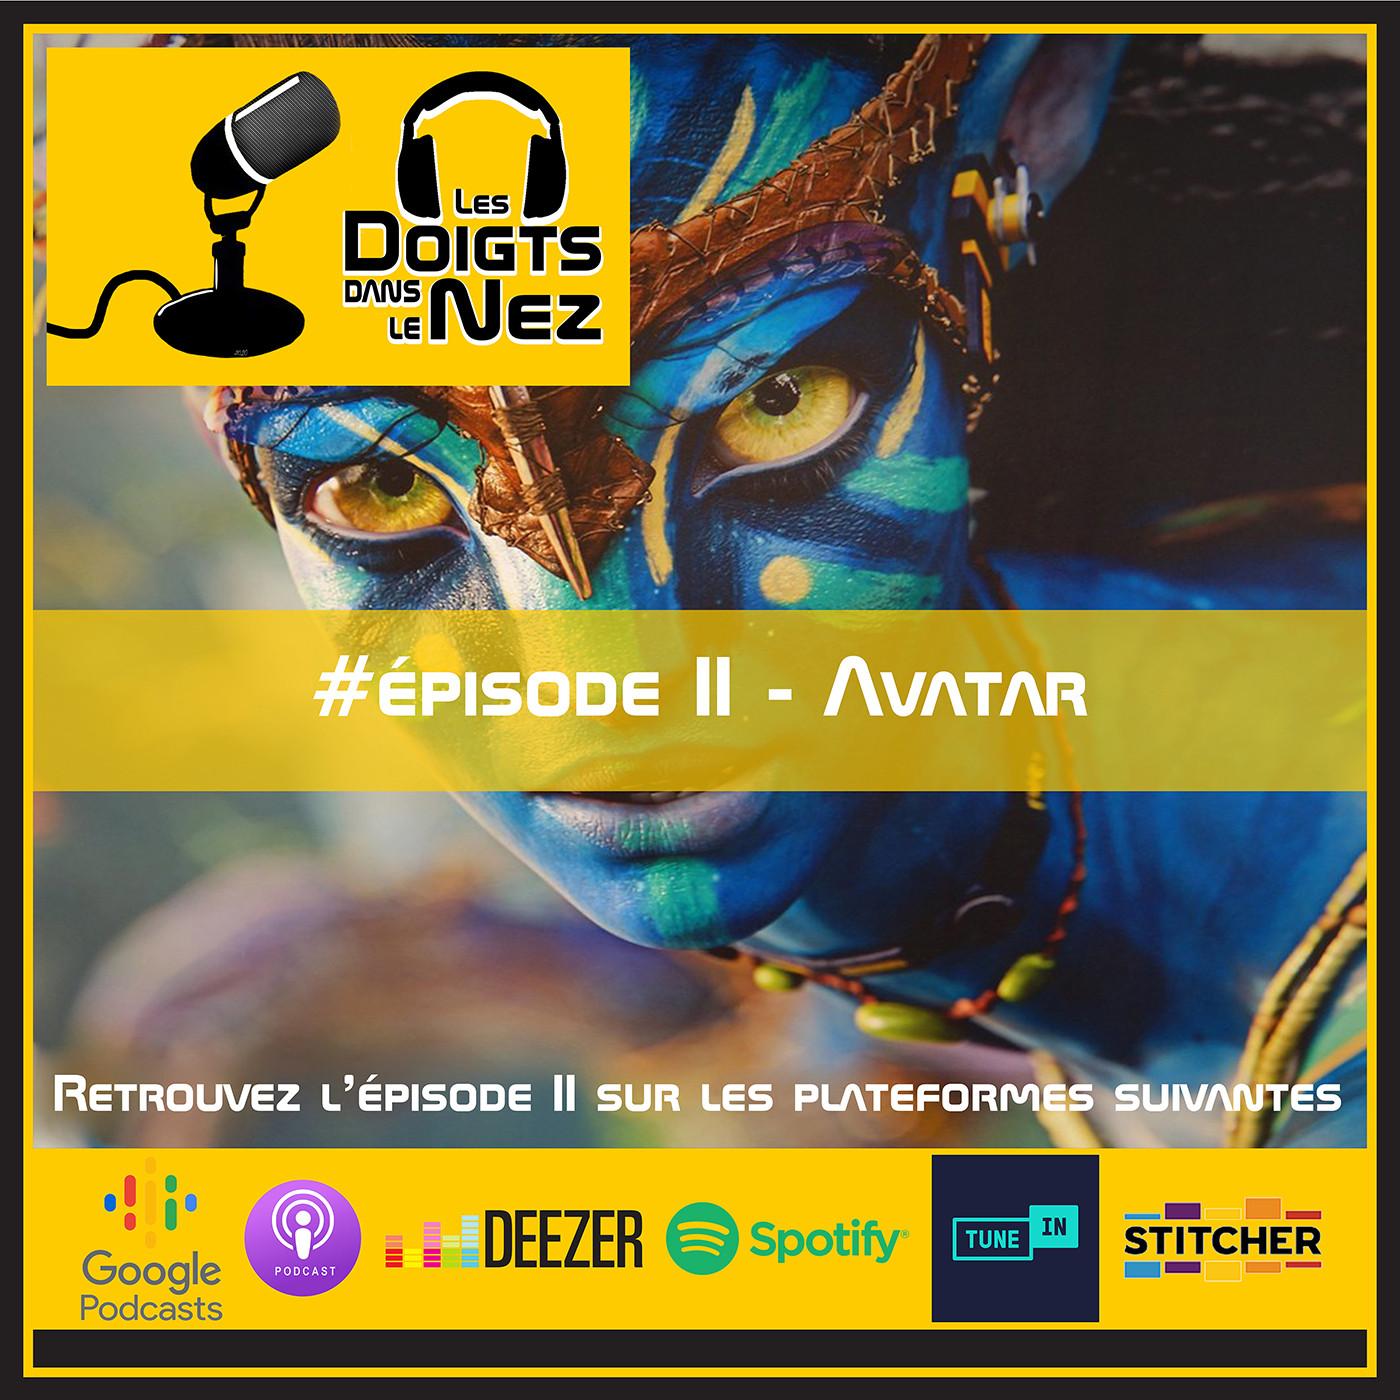 #Episode I - Avatar